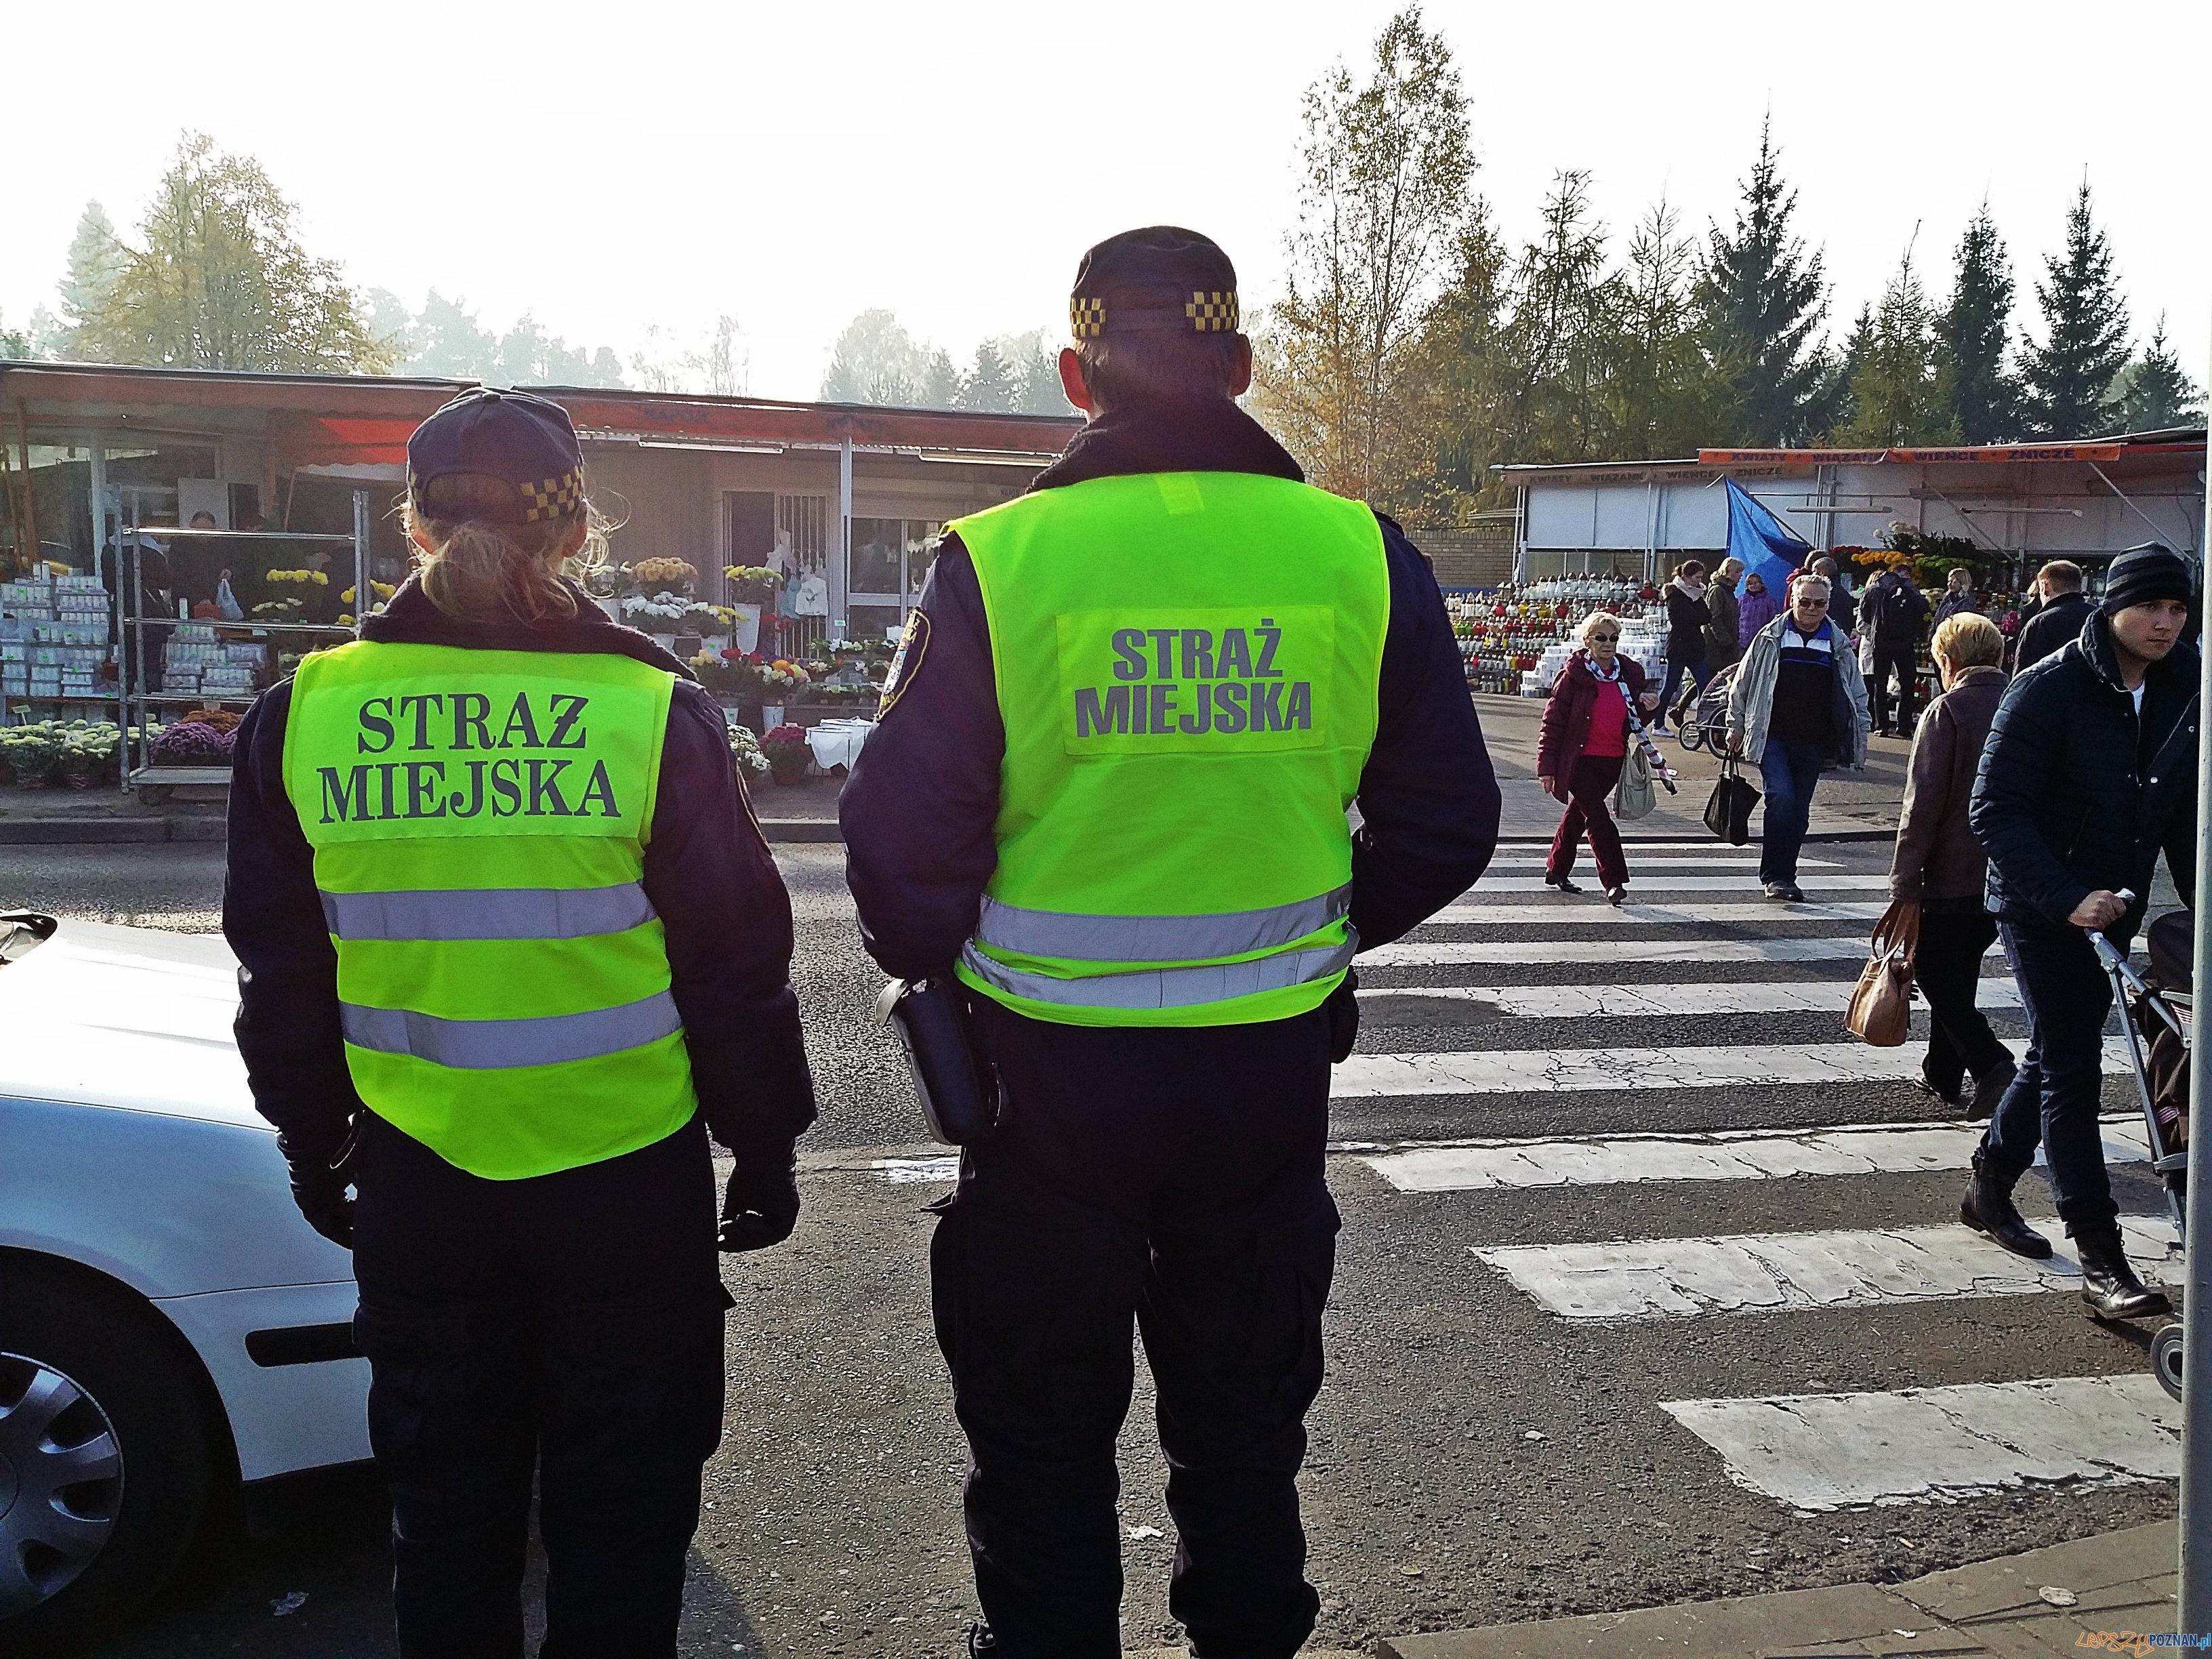 Strażnicy miejscy przy cmentarzu  Foto: lepszyPOZNAN.pl / tab